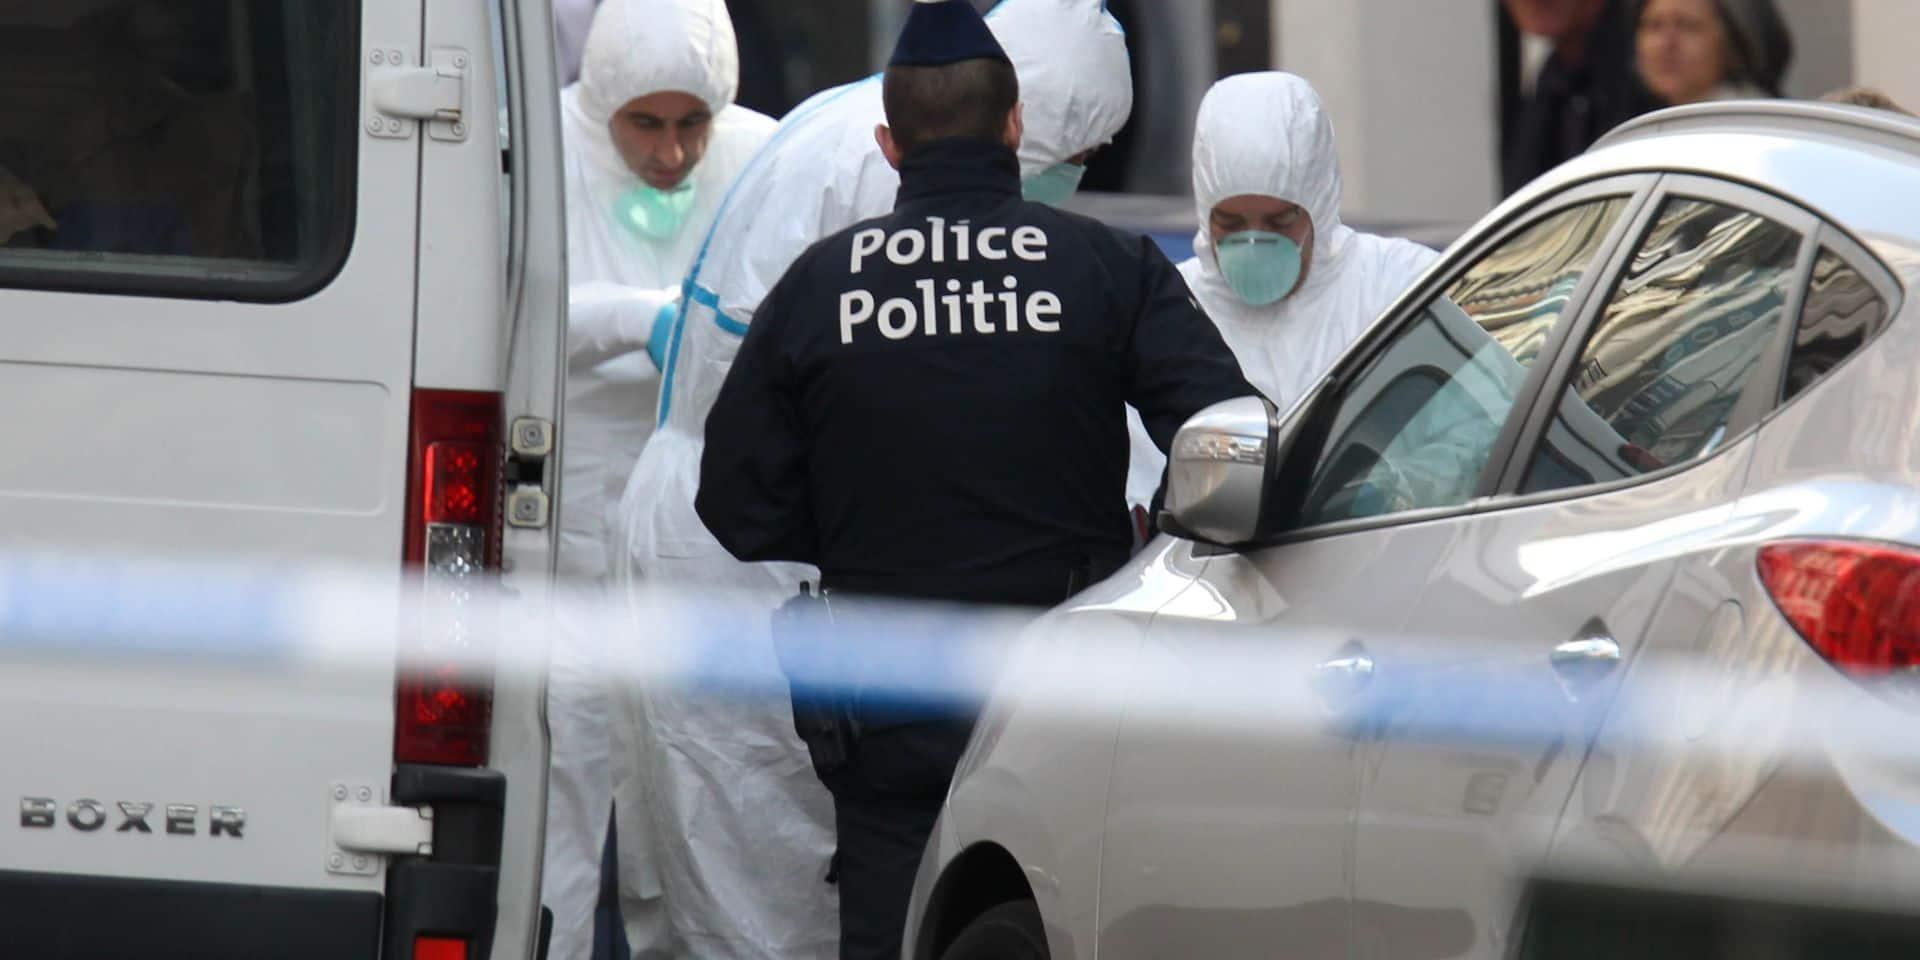 L'inspecteur général s'excuse auprès des citoyens : la police des polices n'a plus les moyens d'enquêter !